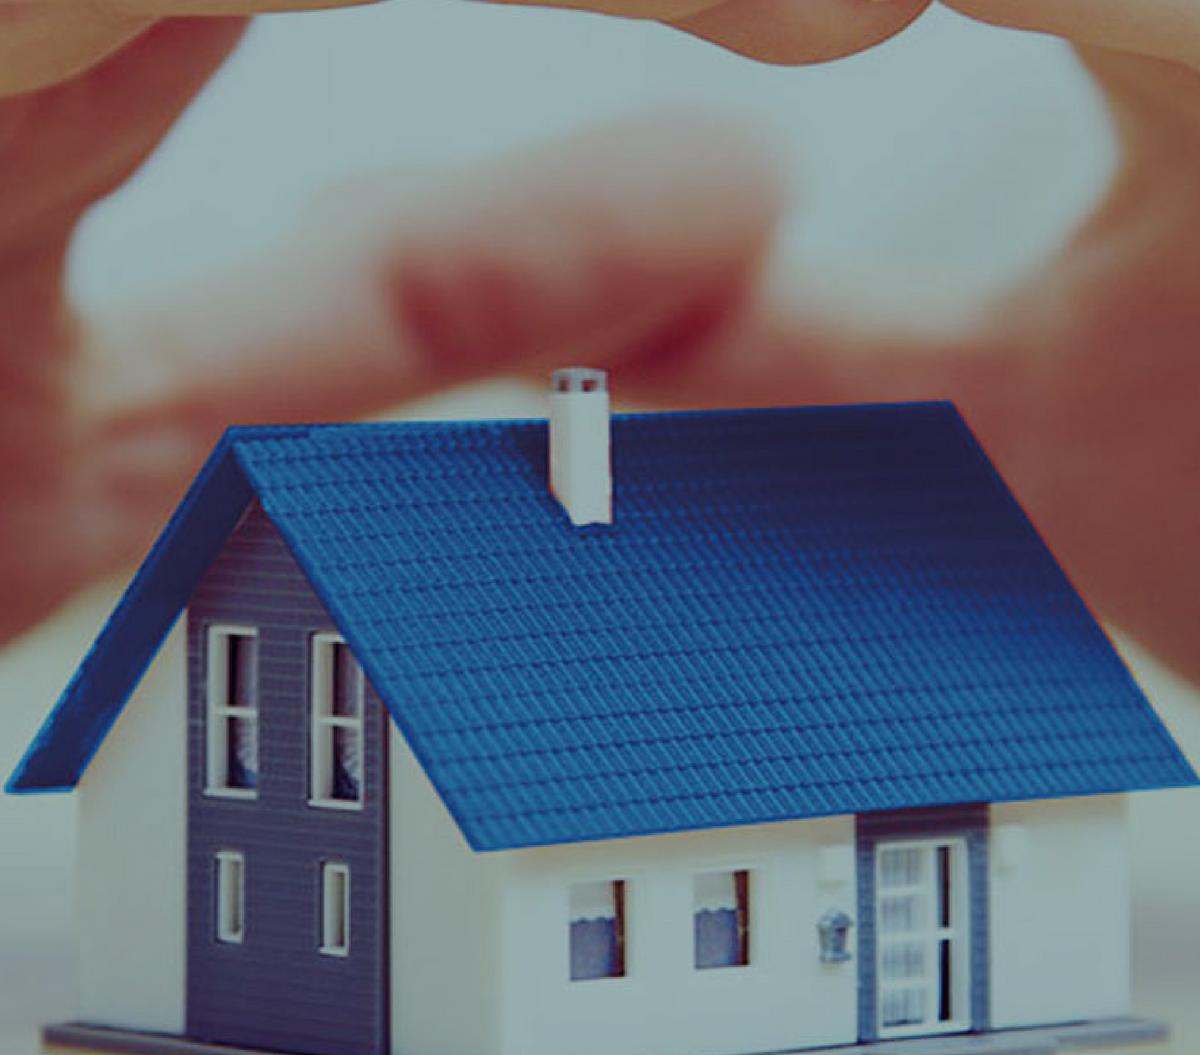 Financiamento ou aluguel: escolhendo a melhor opção